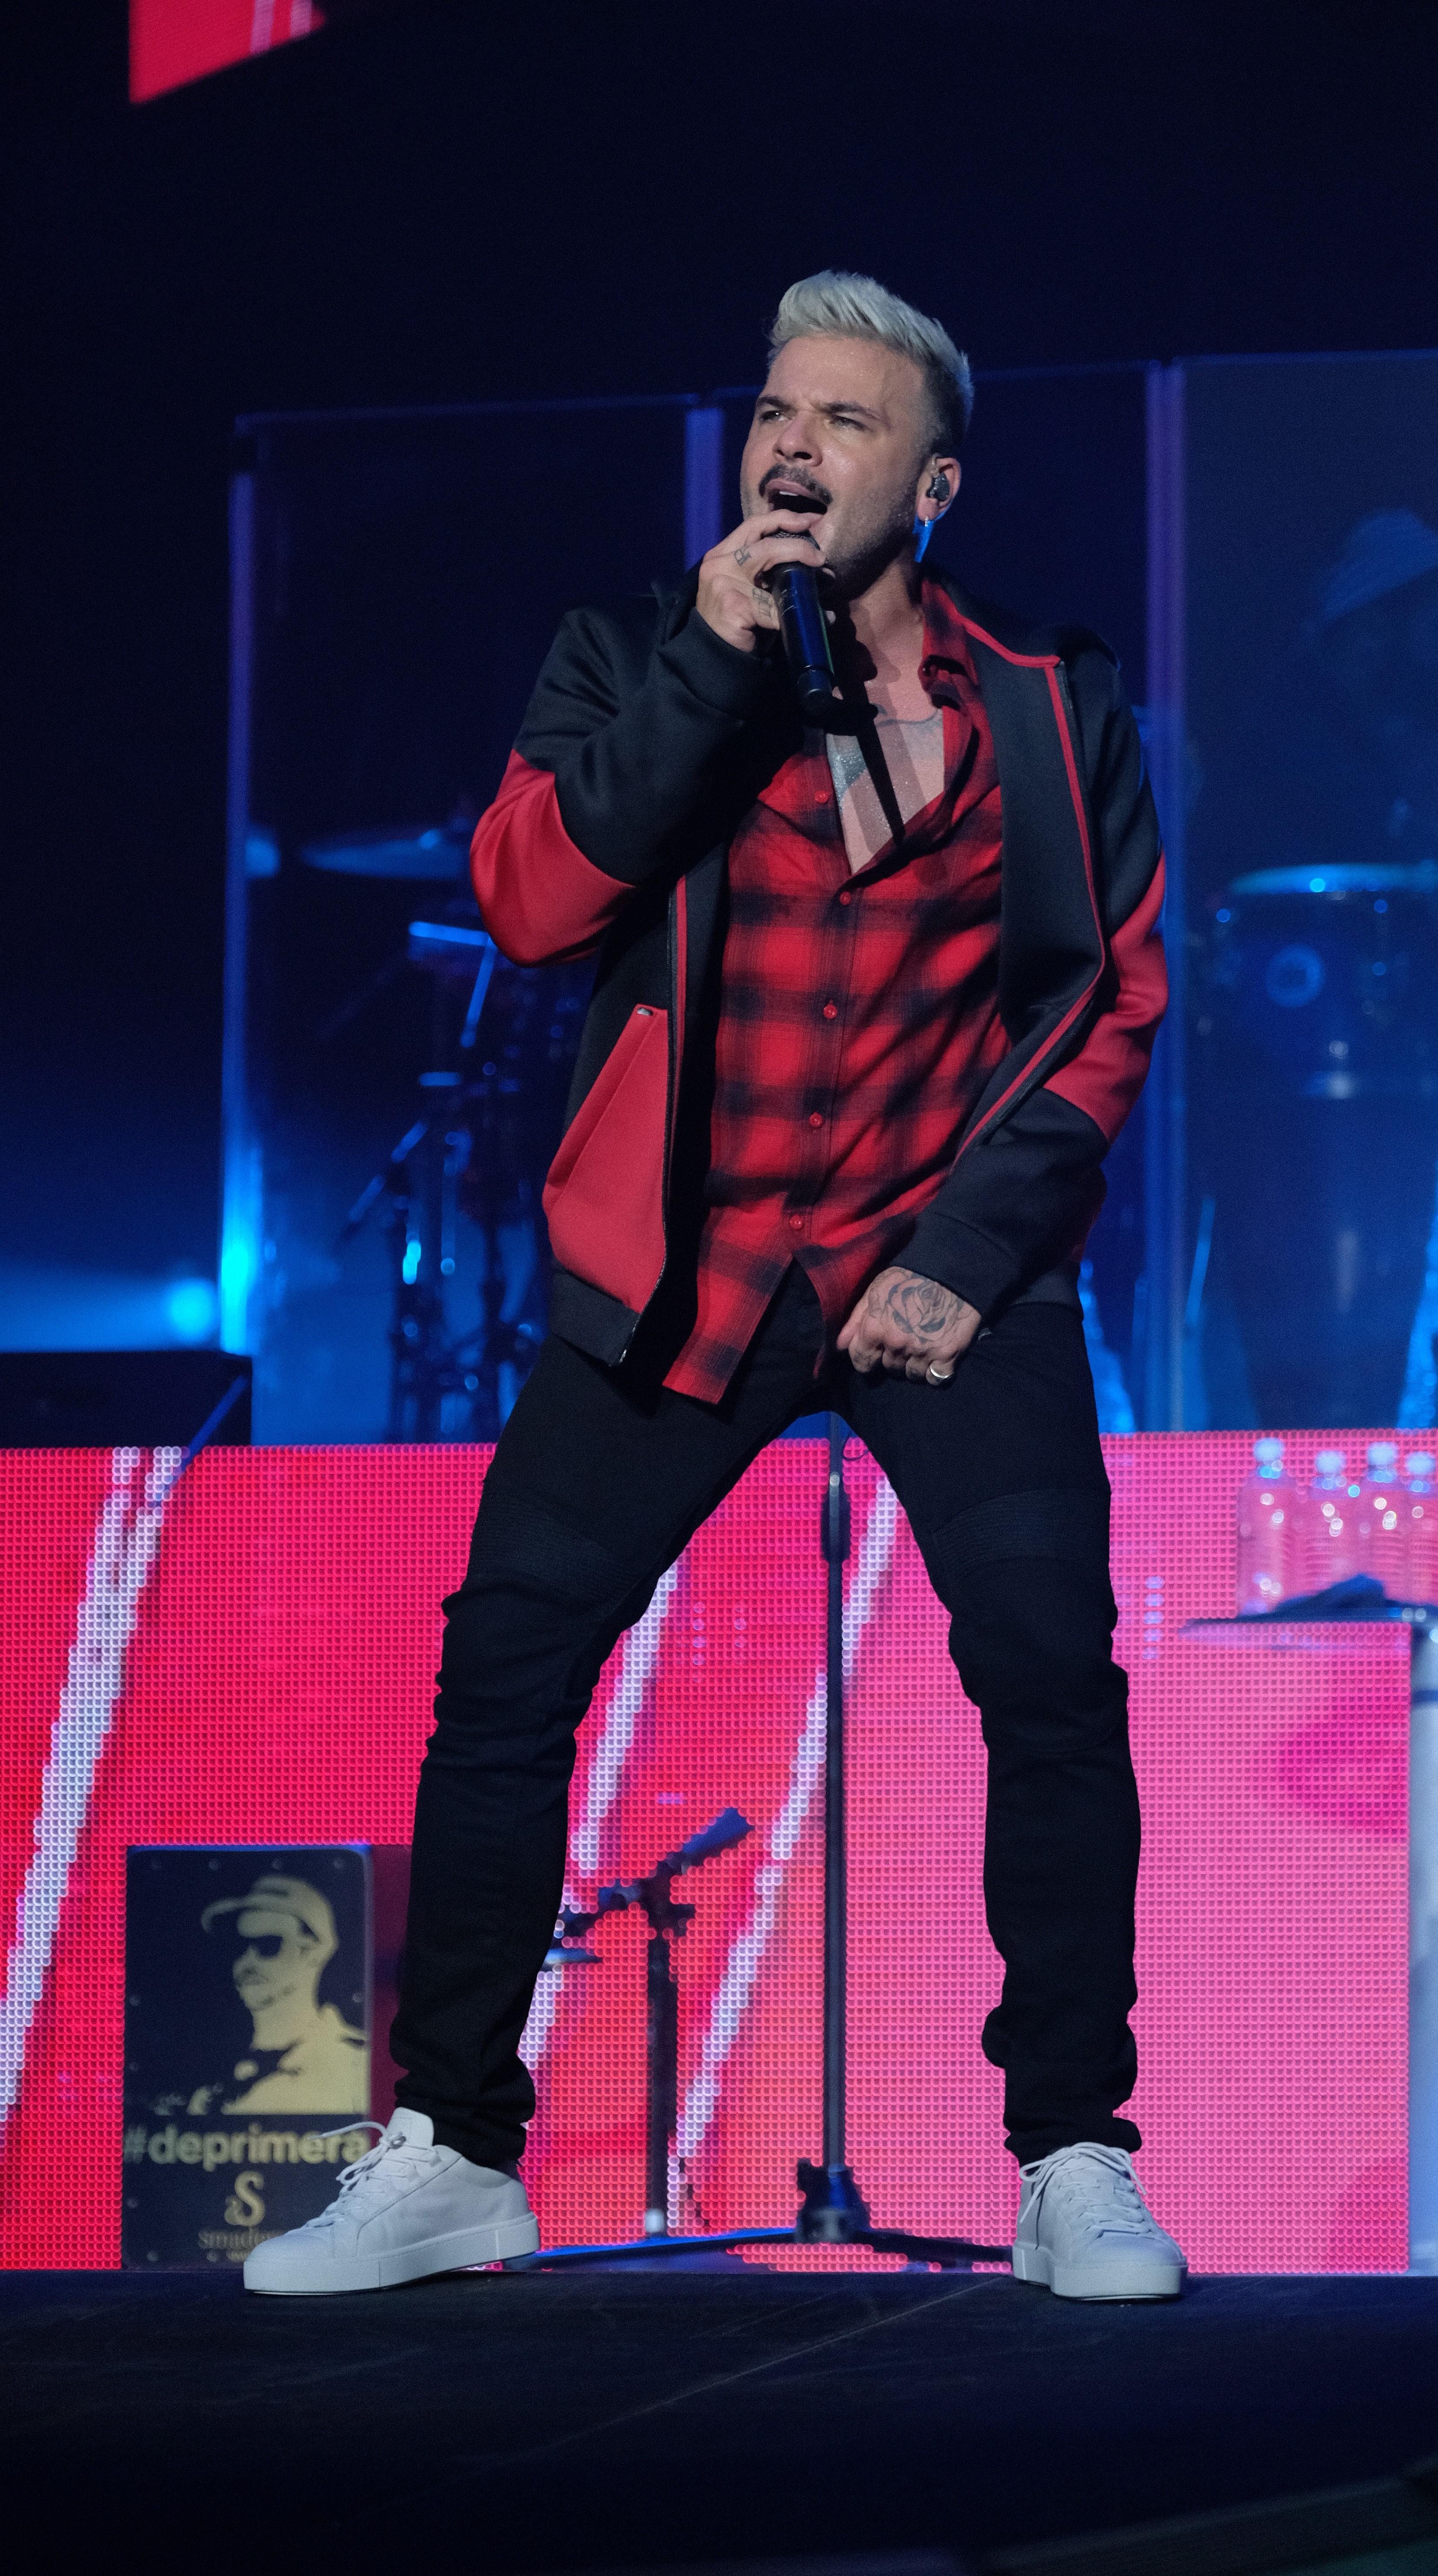 """Esta vez lució un conjunto de """"track jacket"""" en negro y rojo, camisa de cuadros en los mismos tonos y mahón negro. (Suministrada)"""